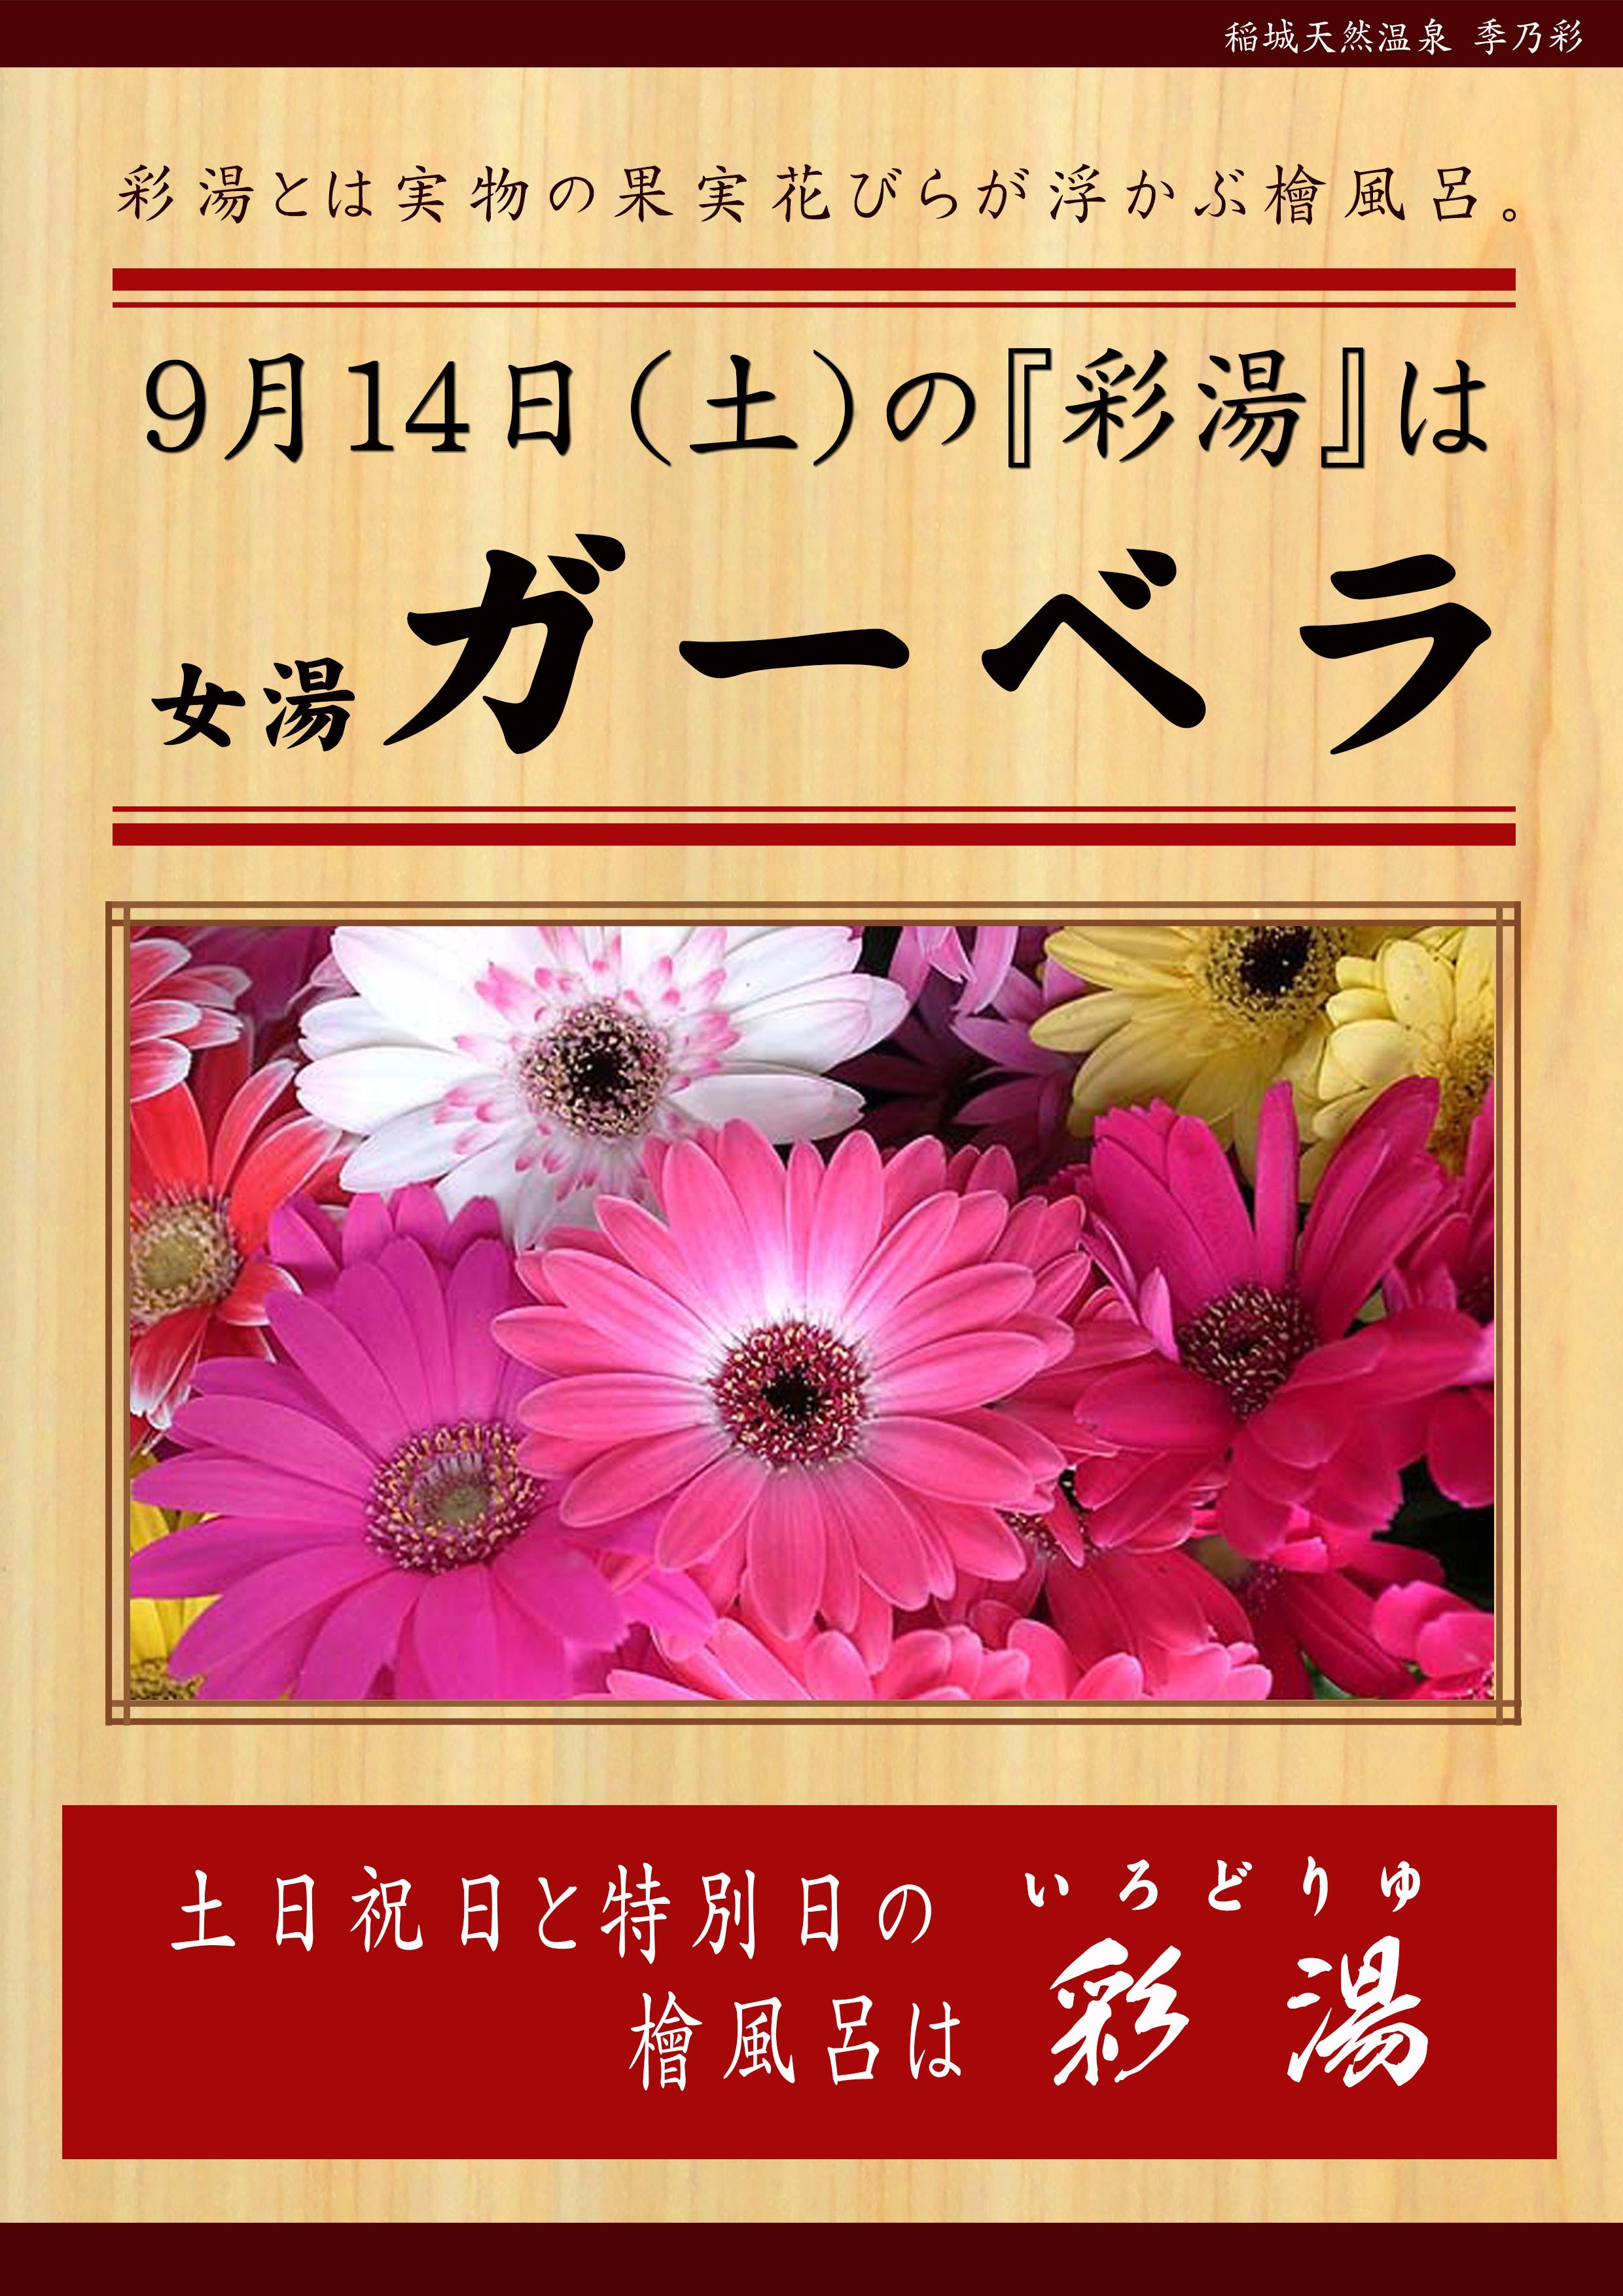 190914 彩湯 女湯 ガーベラ